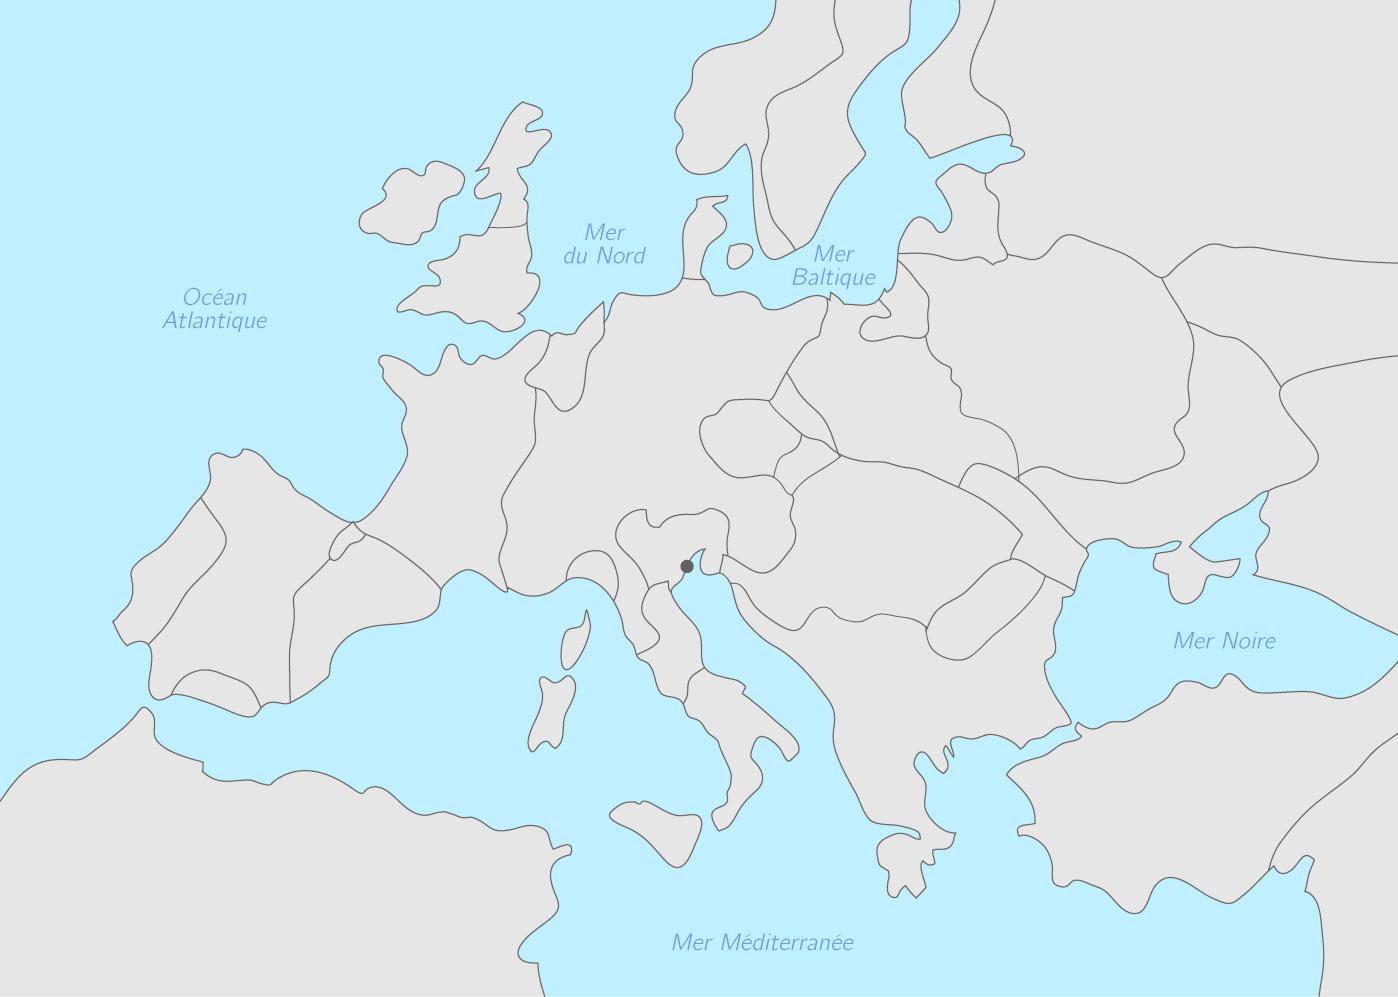 Compléter la carte l'Europe à la fin du Xve siècle   Exercice